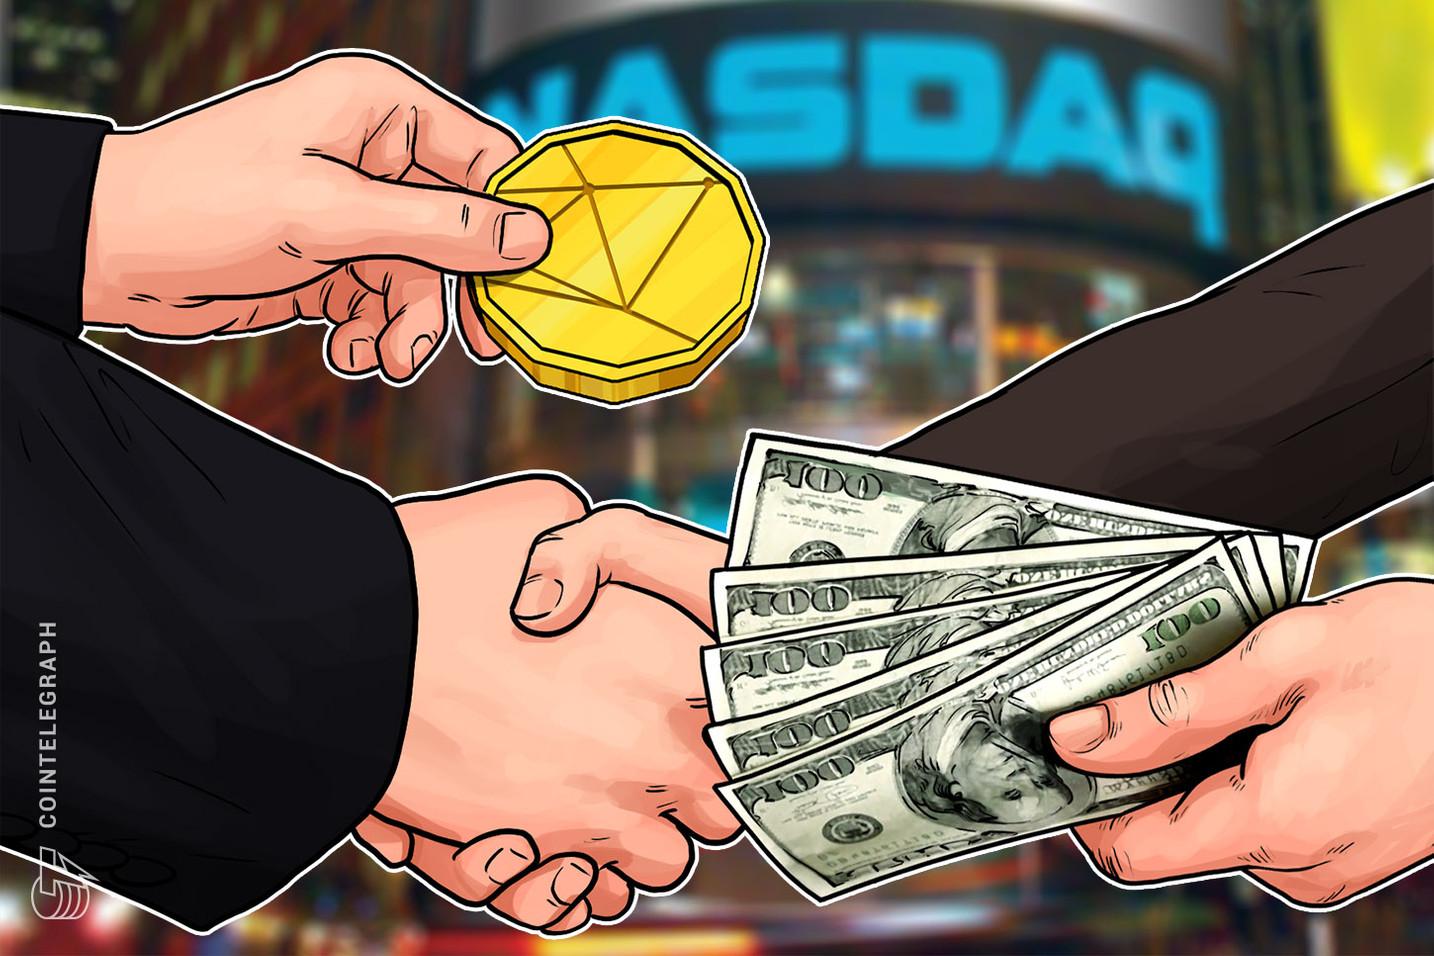 L'exchange di criptovalute ErisX riceve 27,5 mln di dollari da Fidelity, Nasdaq Ventures e altri investitori